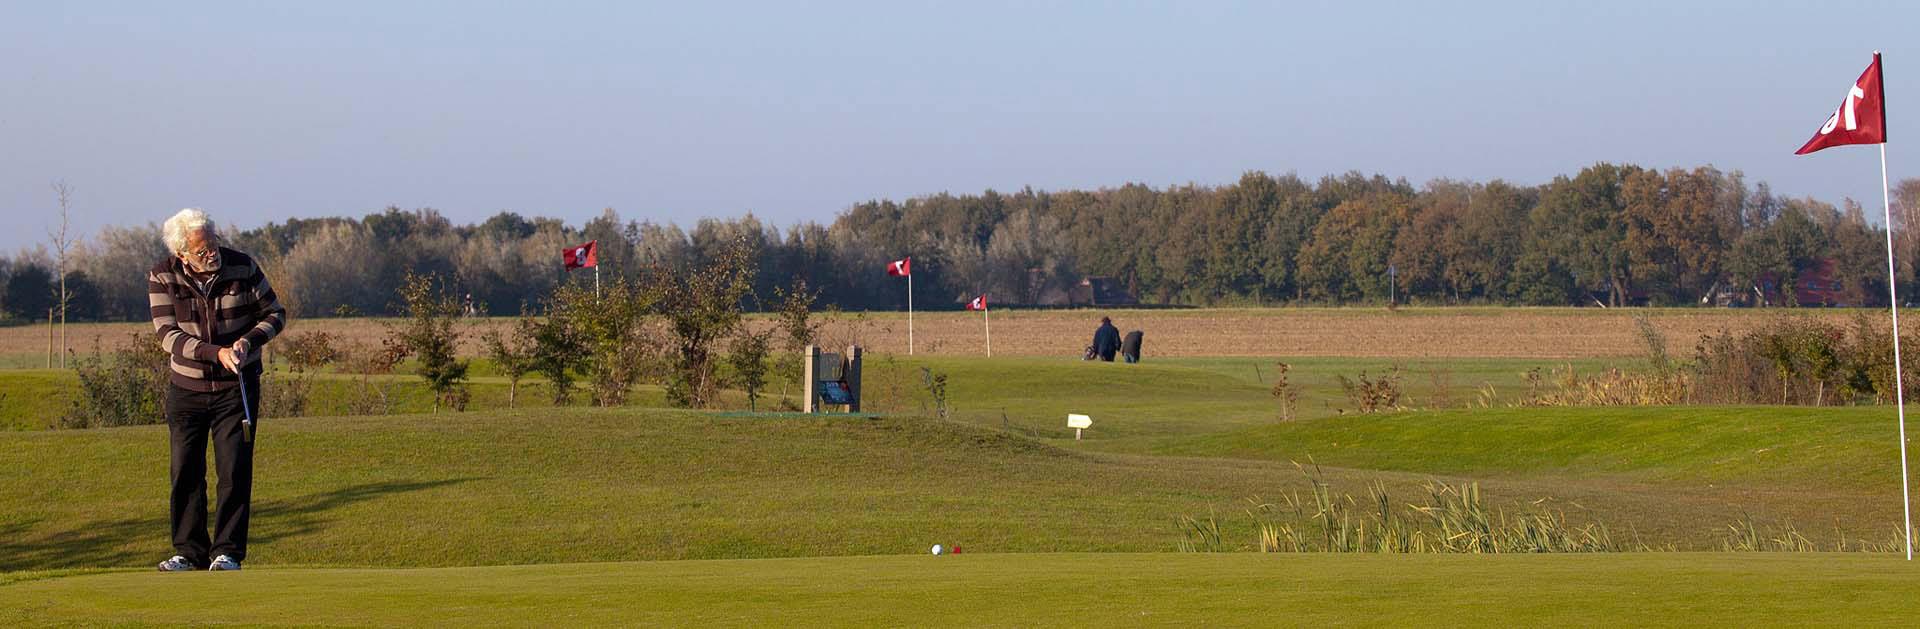 Golfen, Ontspannen, Onthaasten  Regio Achterhoek - Liemers